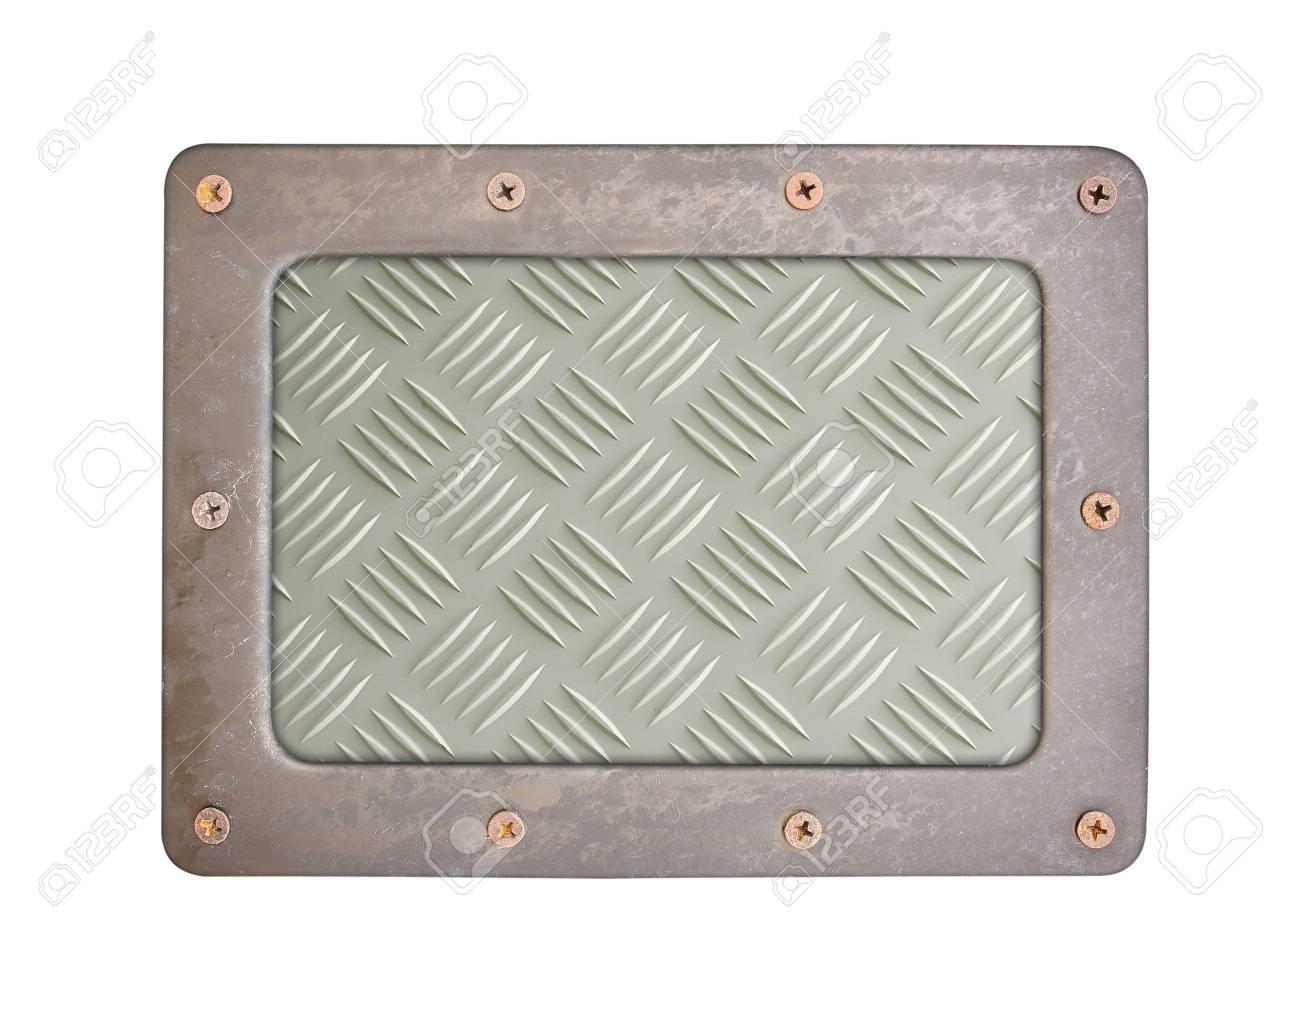 Patrón Estilo Textura Del Metal De La Placa De Fondo De Acero Con ...